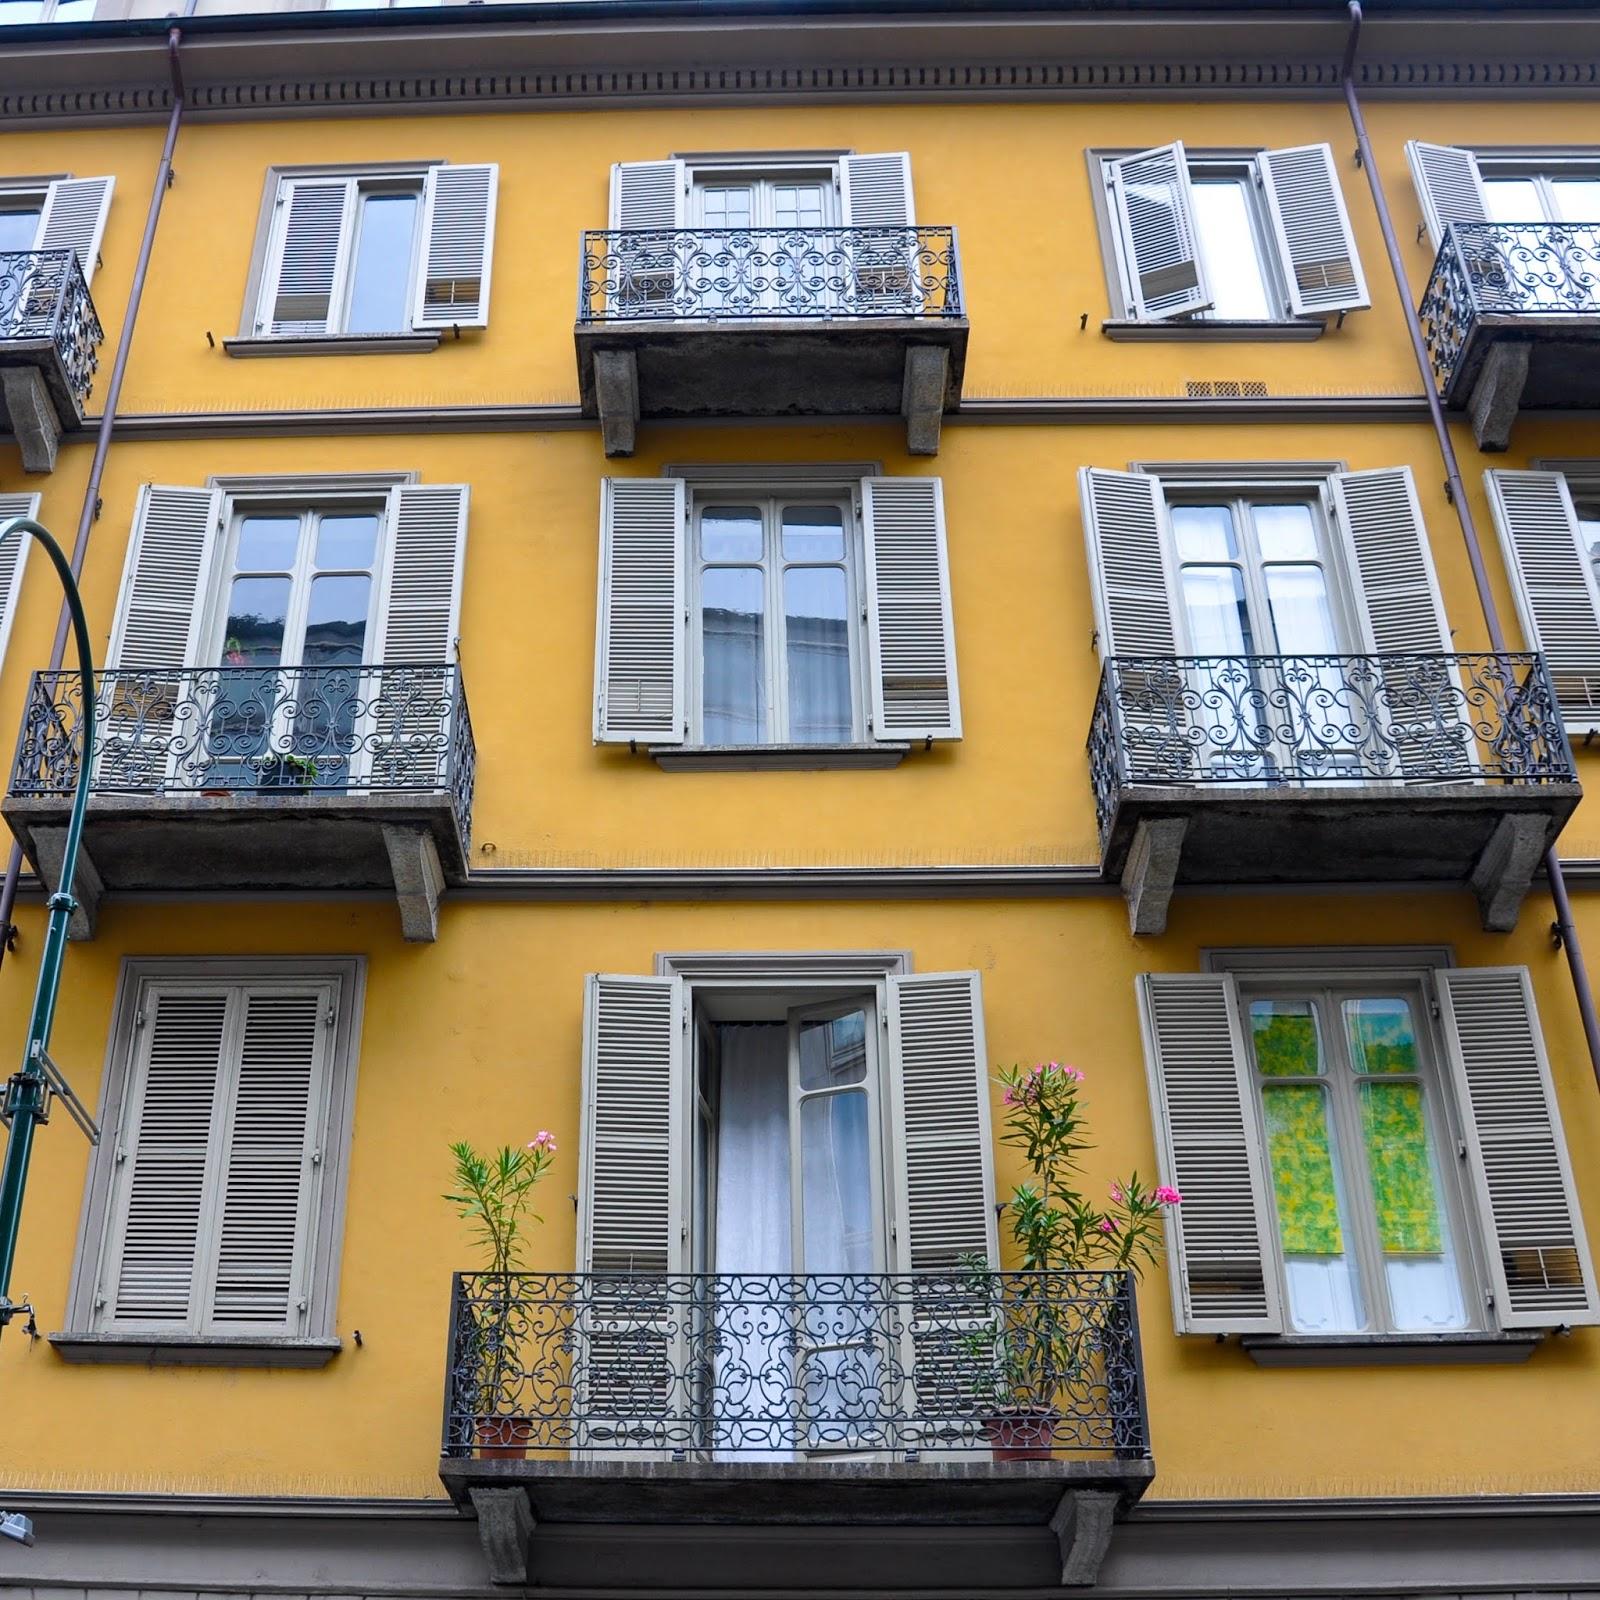 Zigzaggy balconies, Turin, Italy